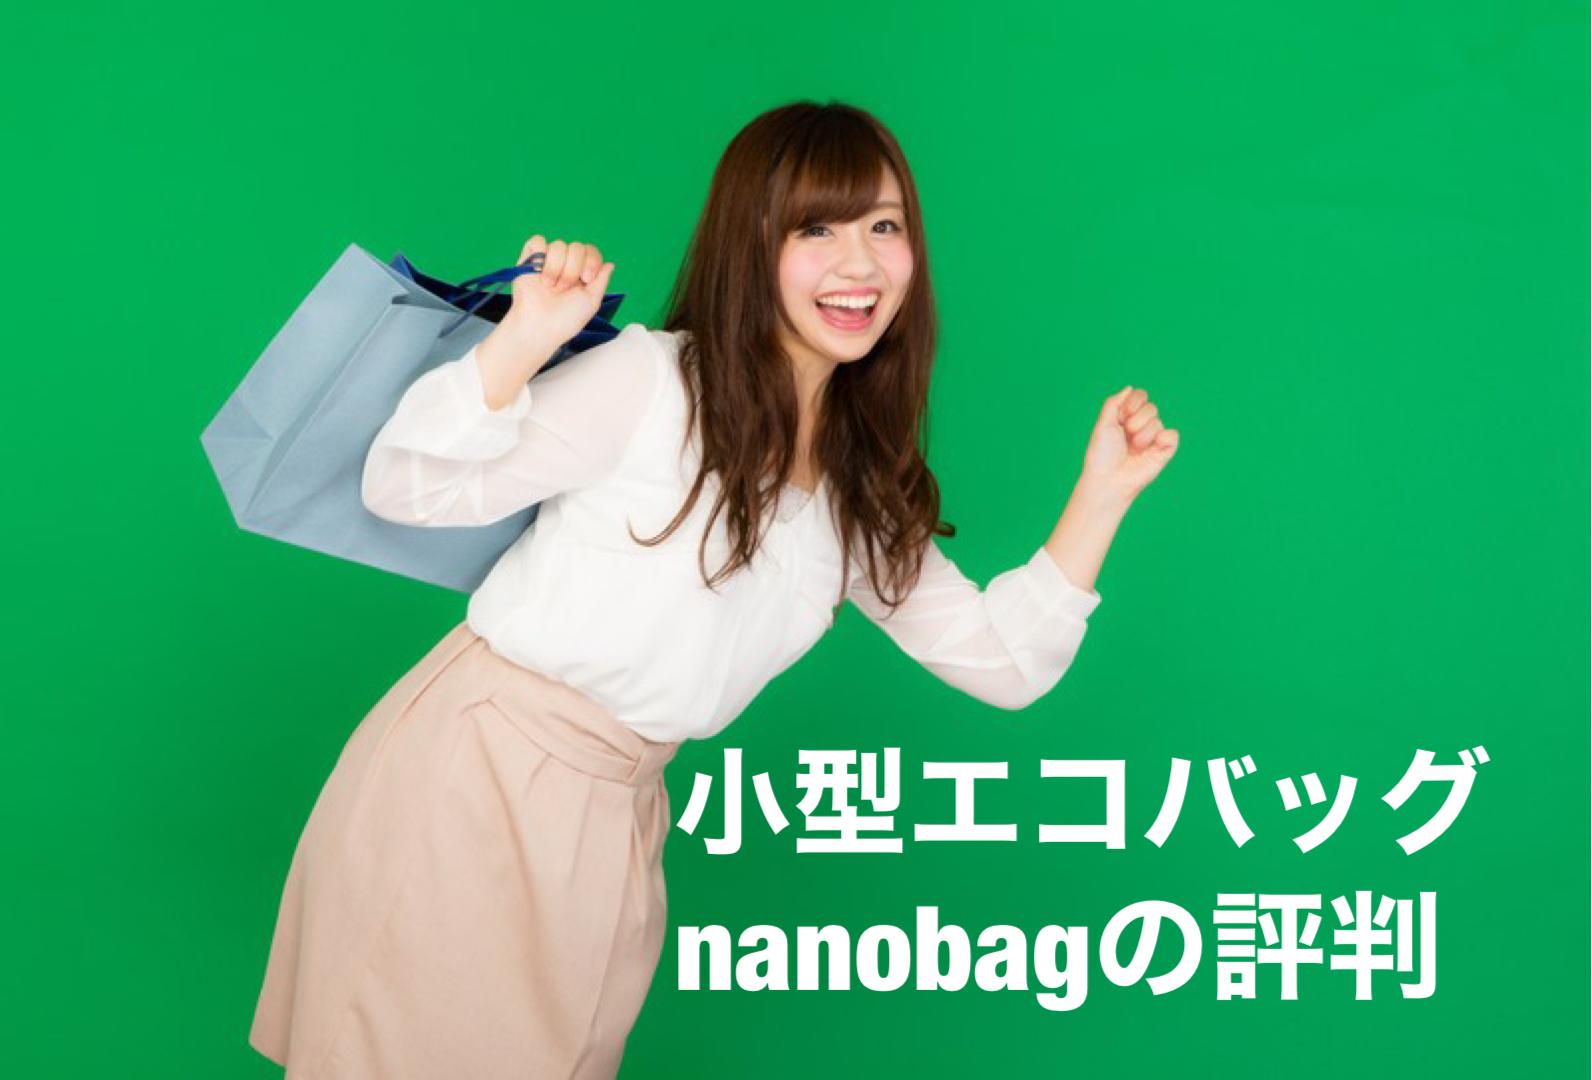 たためるオススメのエコバッグ「nanobag」を使ってみた口コミ・評判【ナノバッグ】